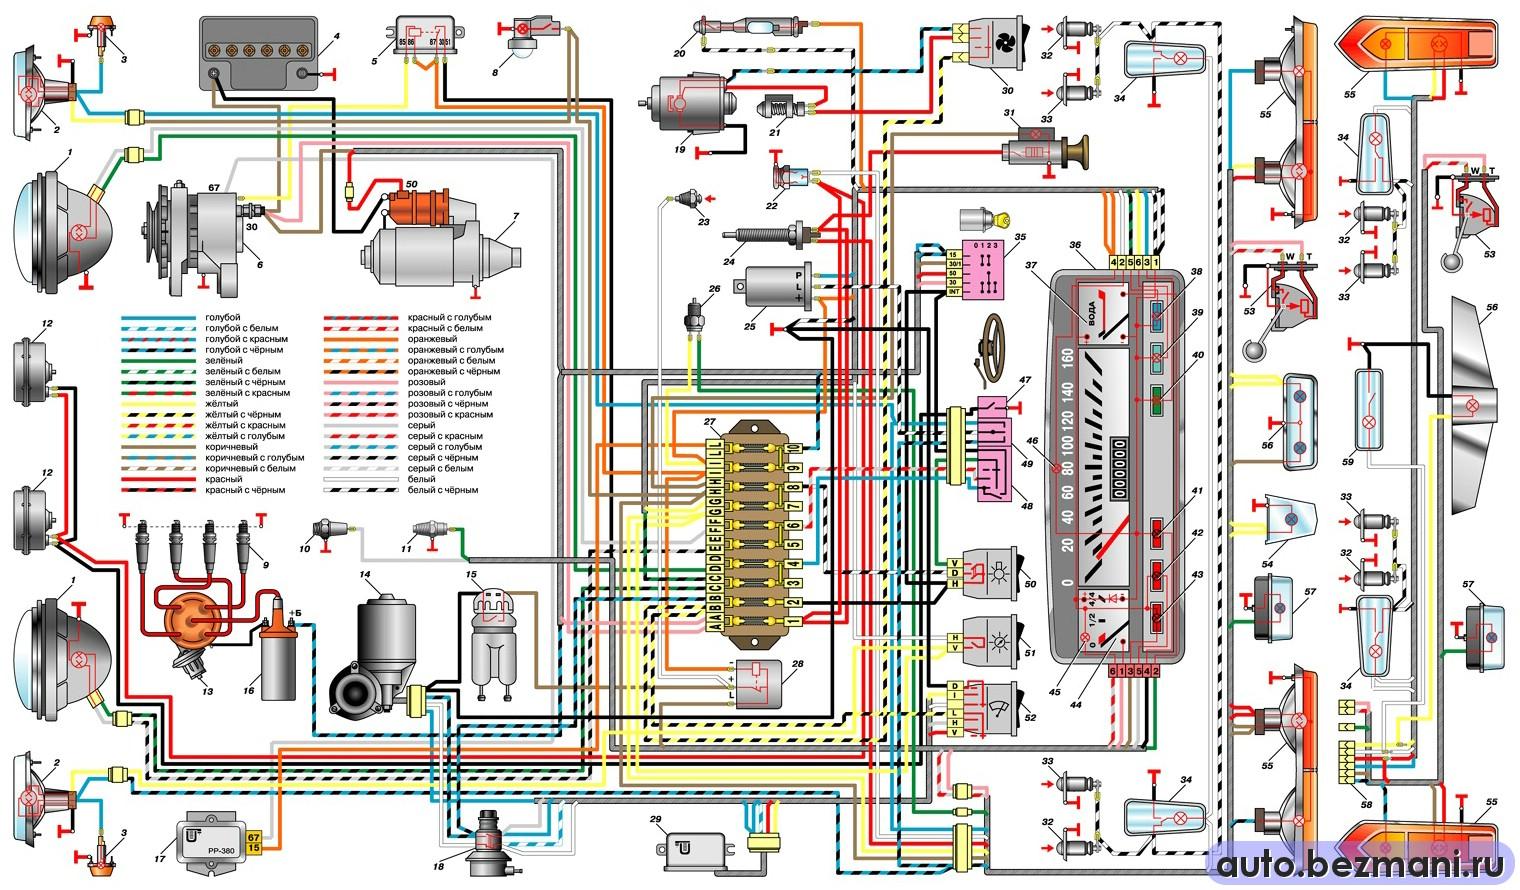 электрическая схема автомобилей ВАЗ-2101, ВАЗ-2102